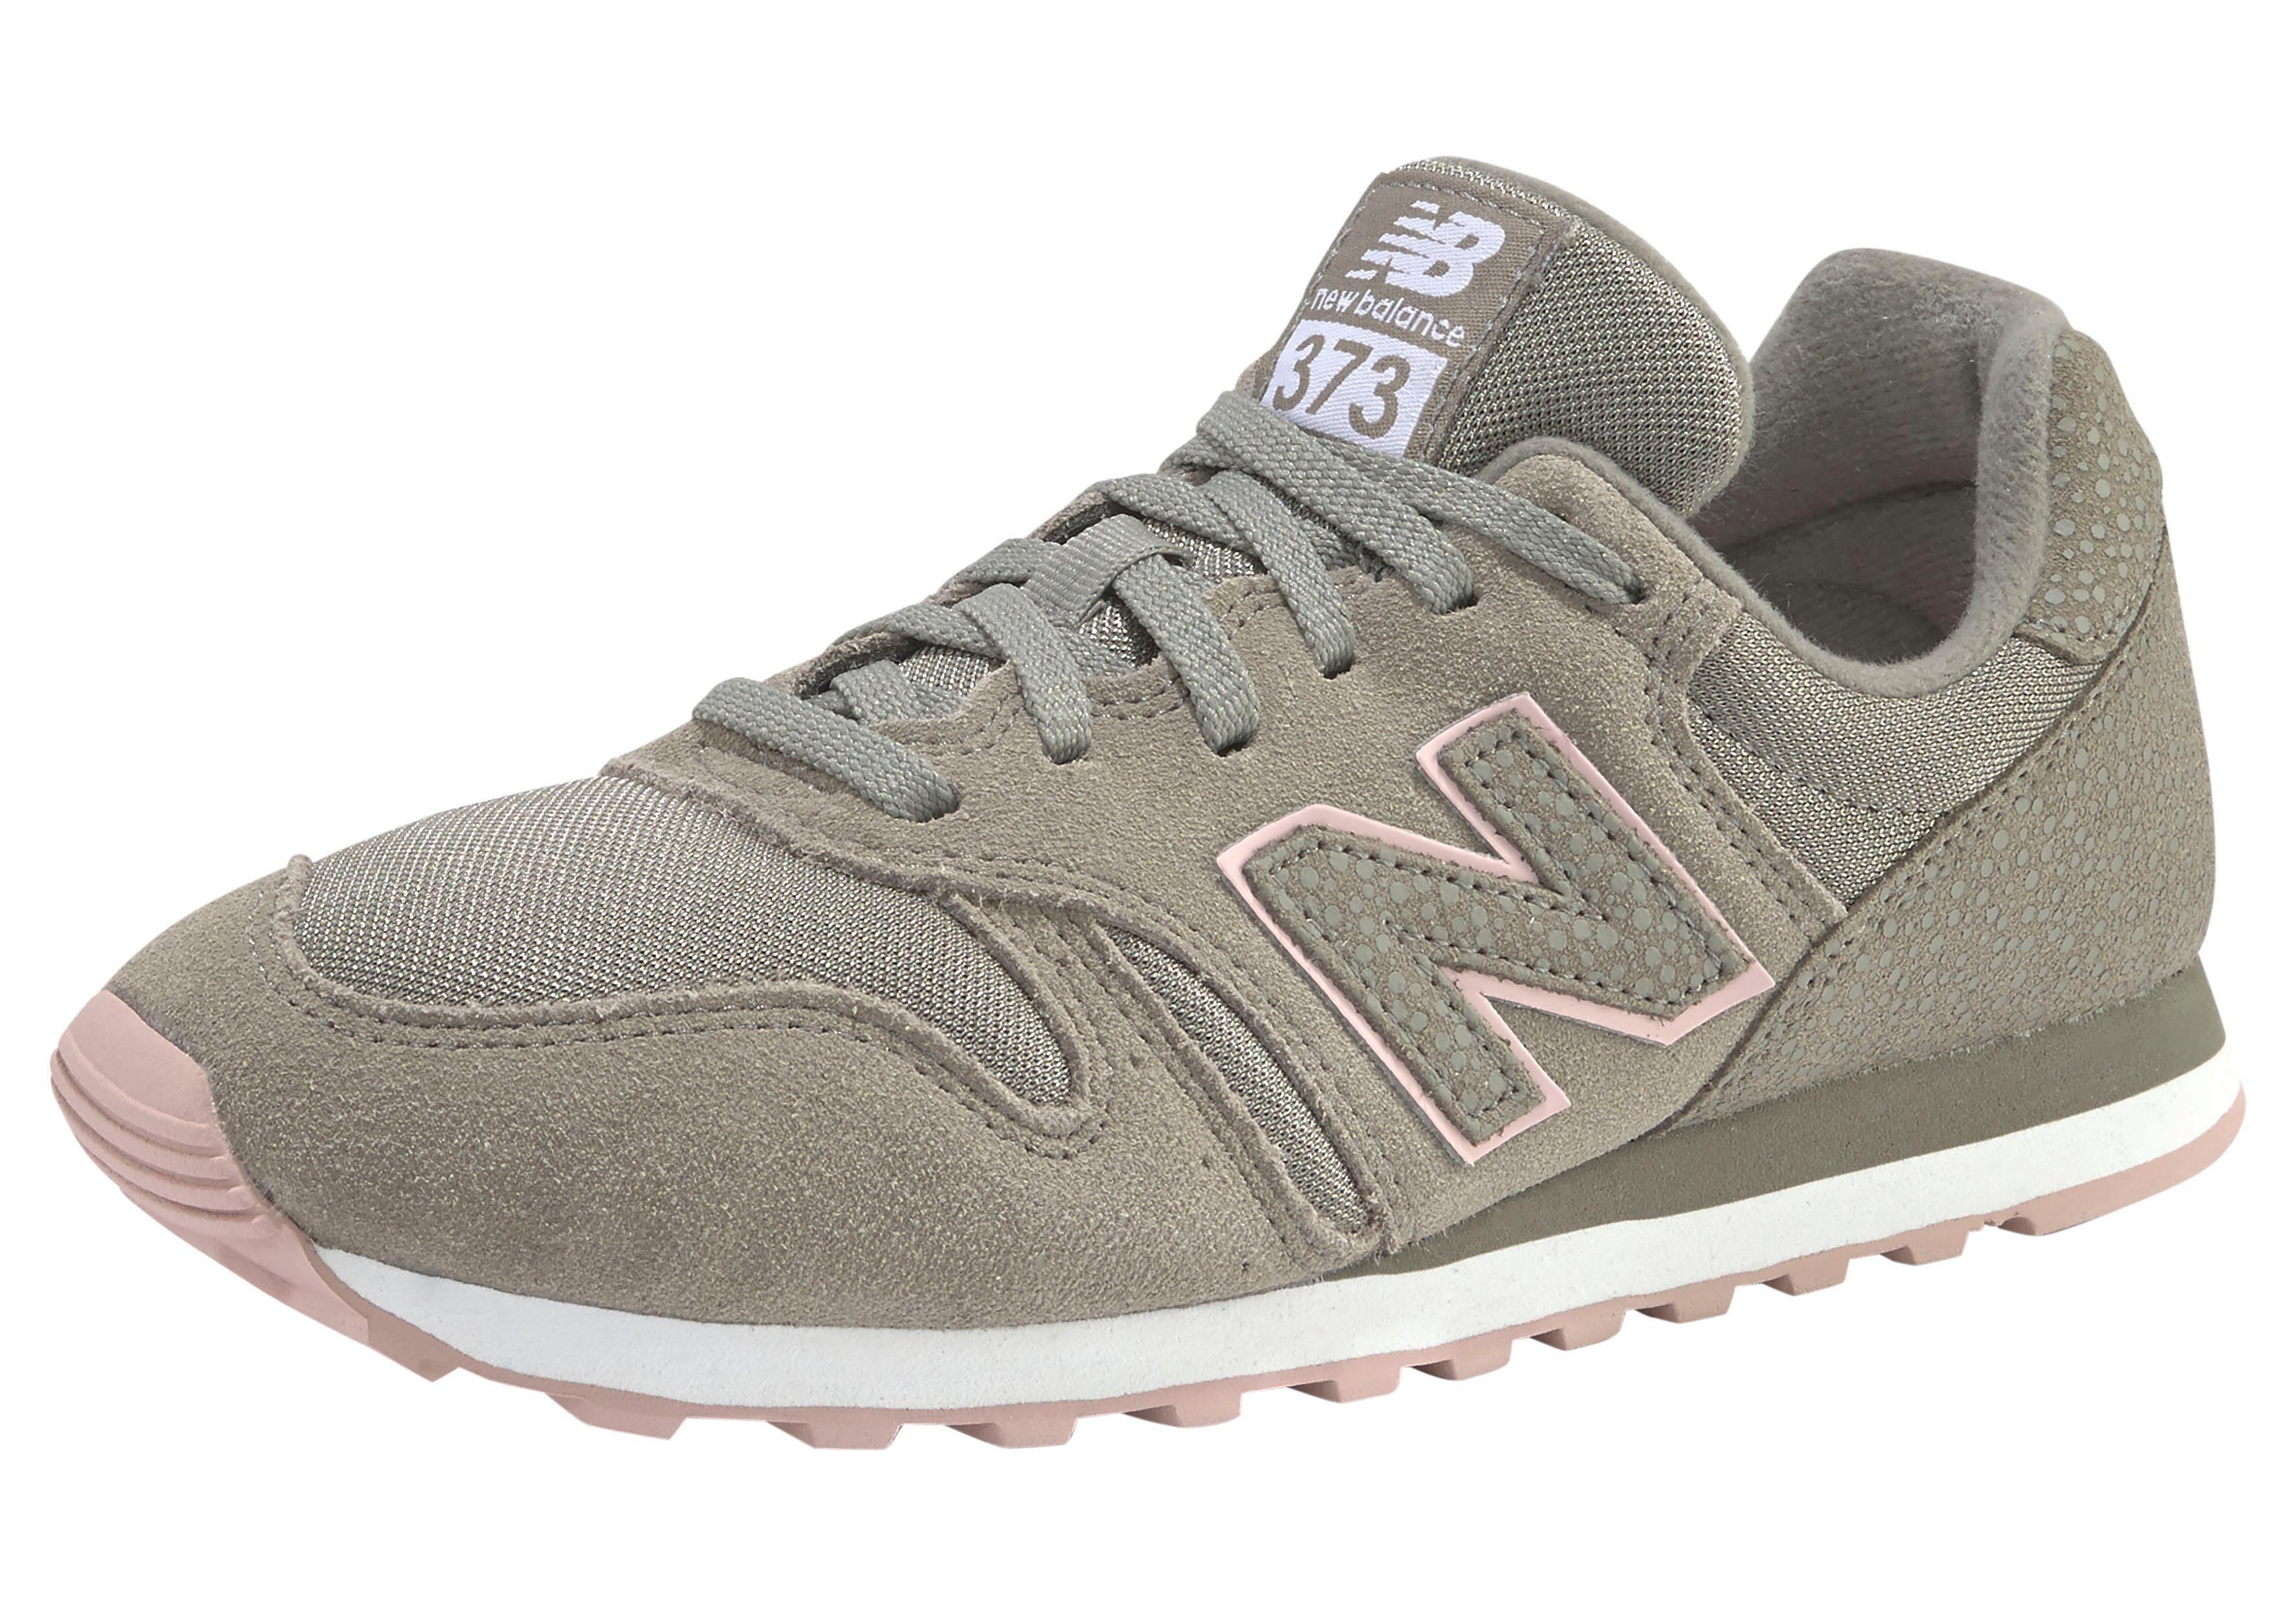 New Balance »WL 373« Sneaker, Obermaterialmix aus Leder und atmungsaktivem Mesh online kaufen | OTTO